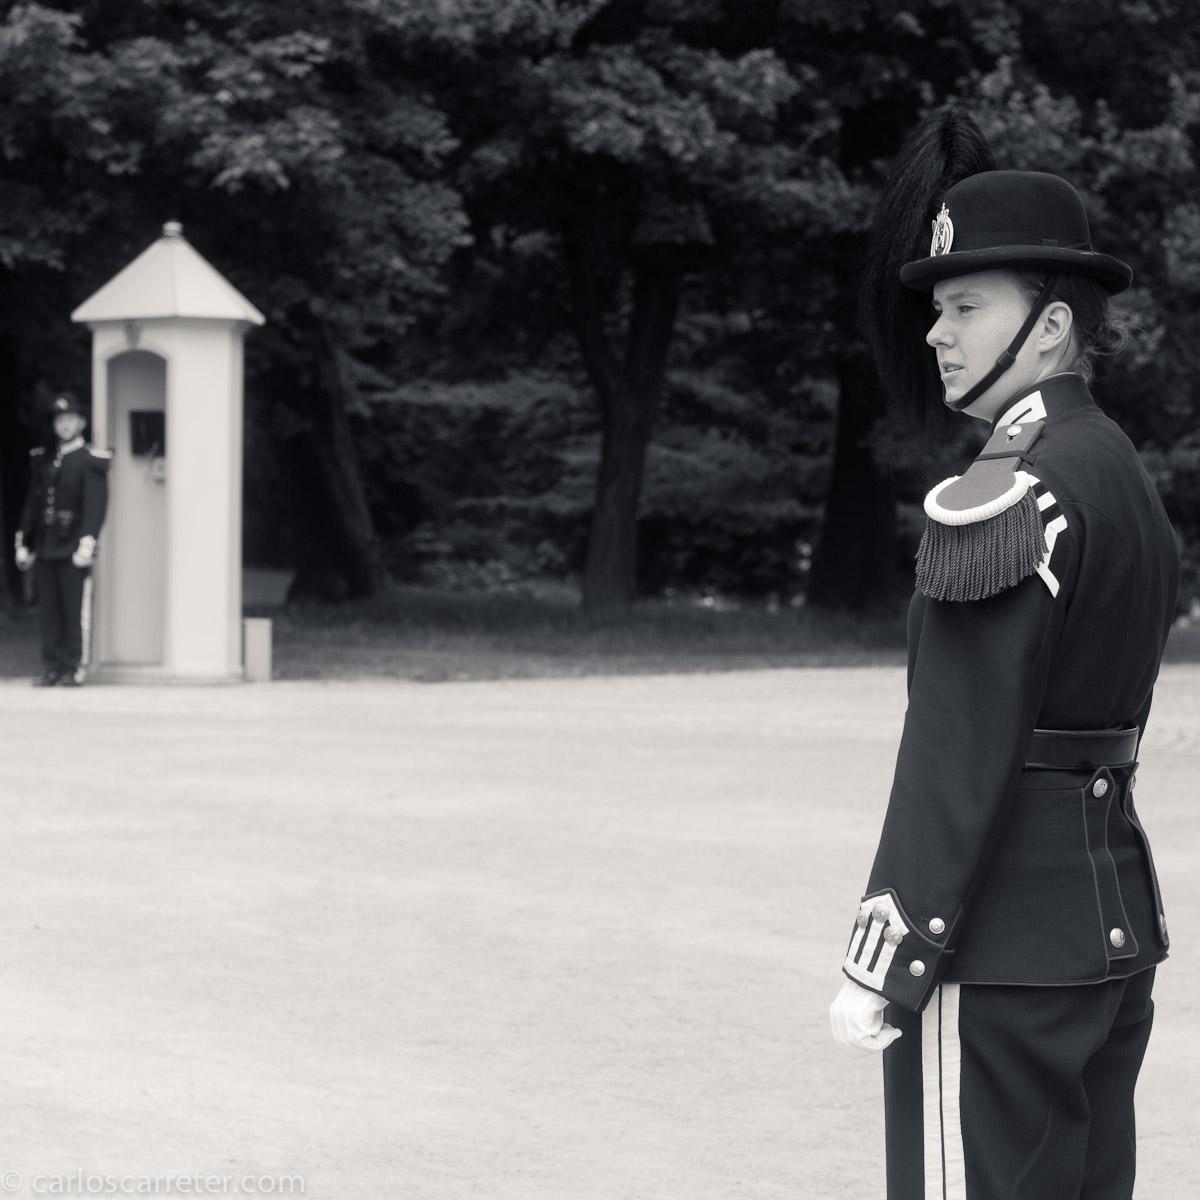 Cambio de guardia en el palacio real